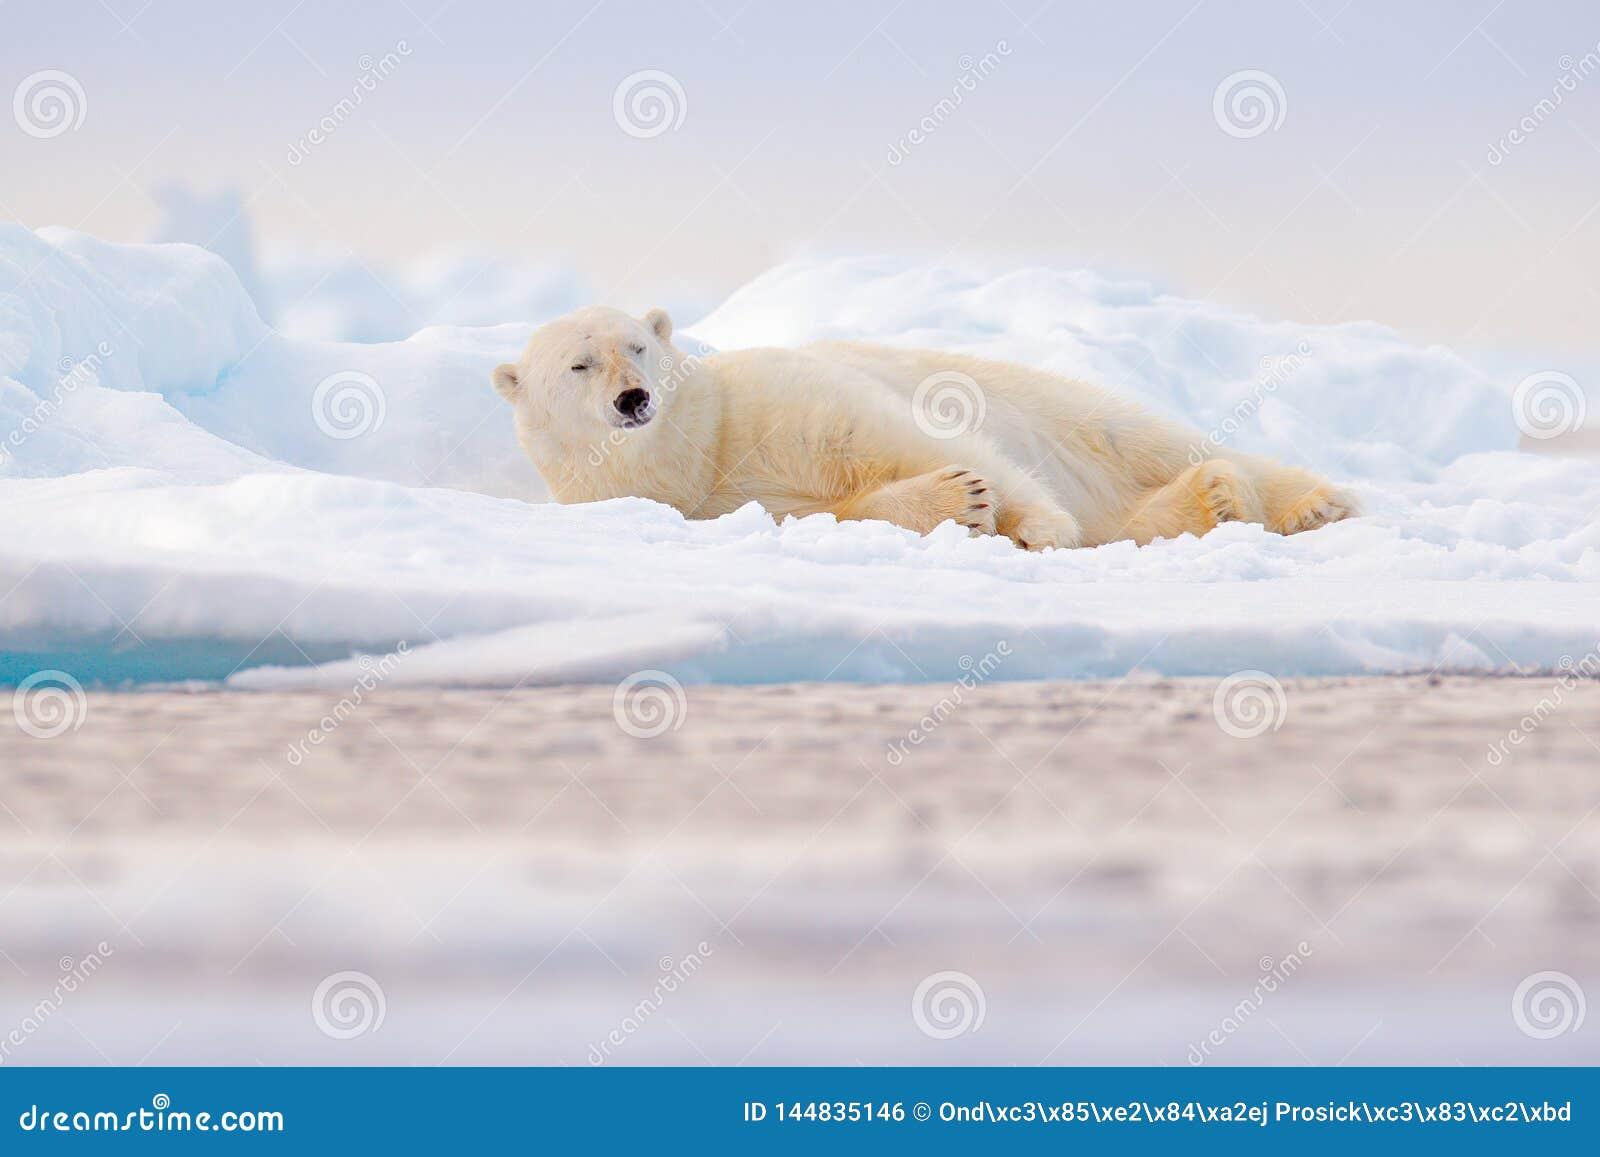 R 白色动物在自然栖所,斯瓦尔巴特群岛,欧洲 r